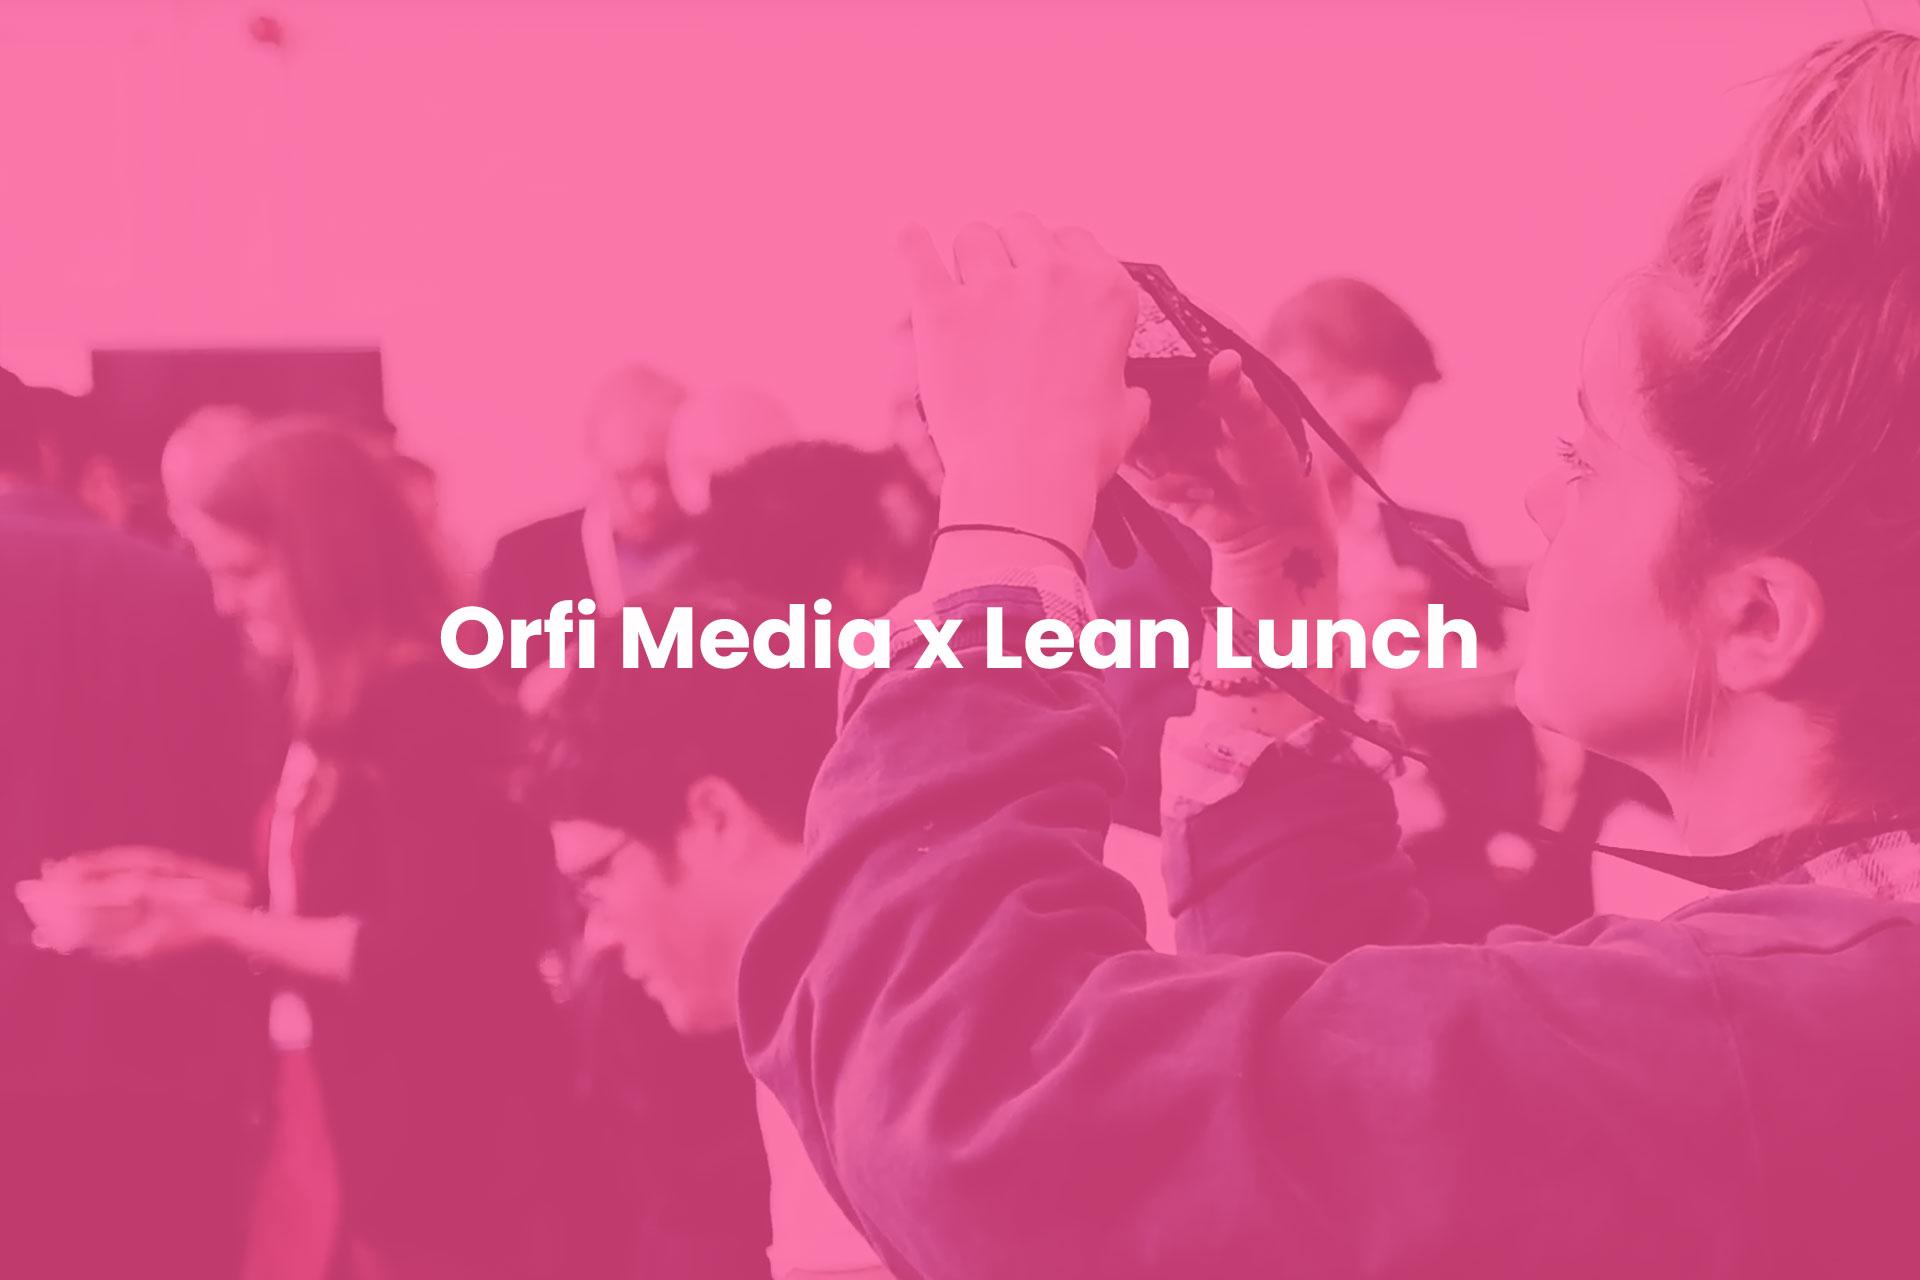 Orfi Media x Lean Lunch